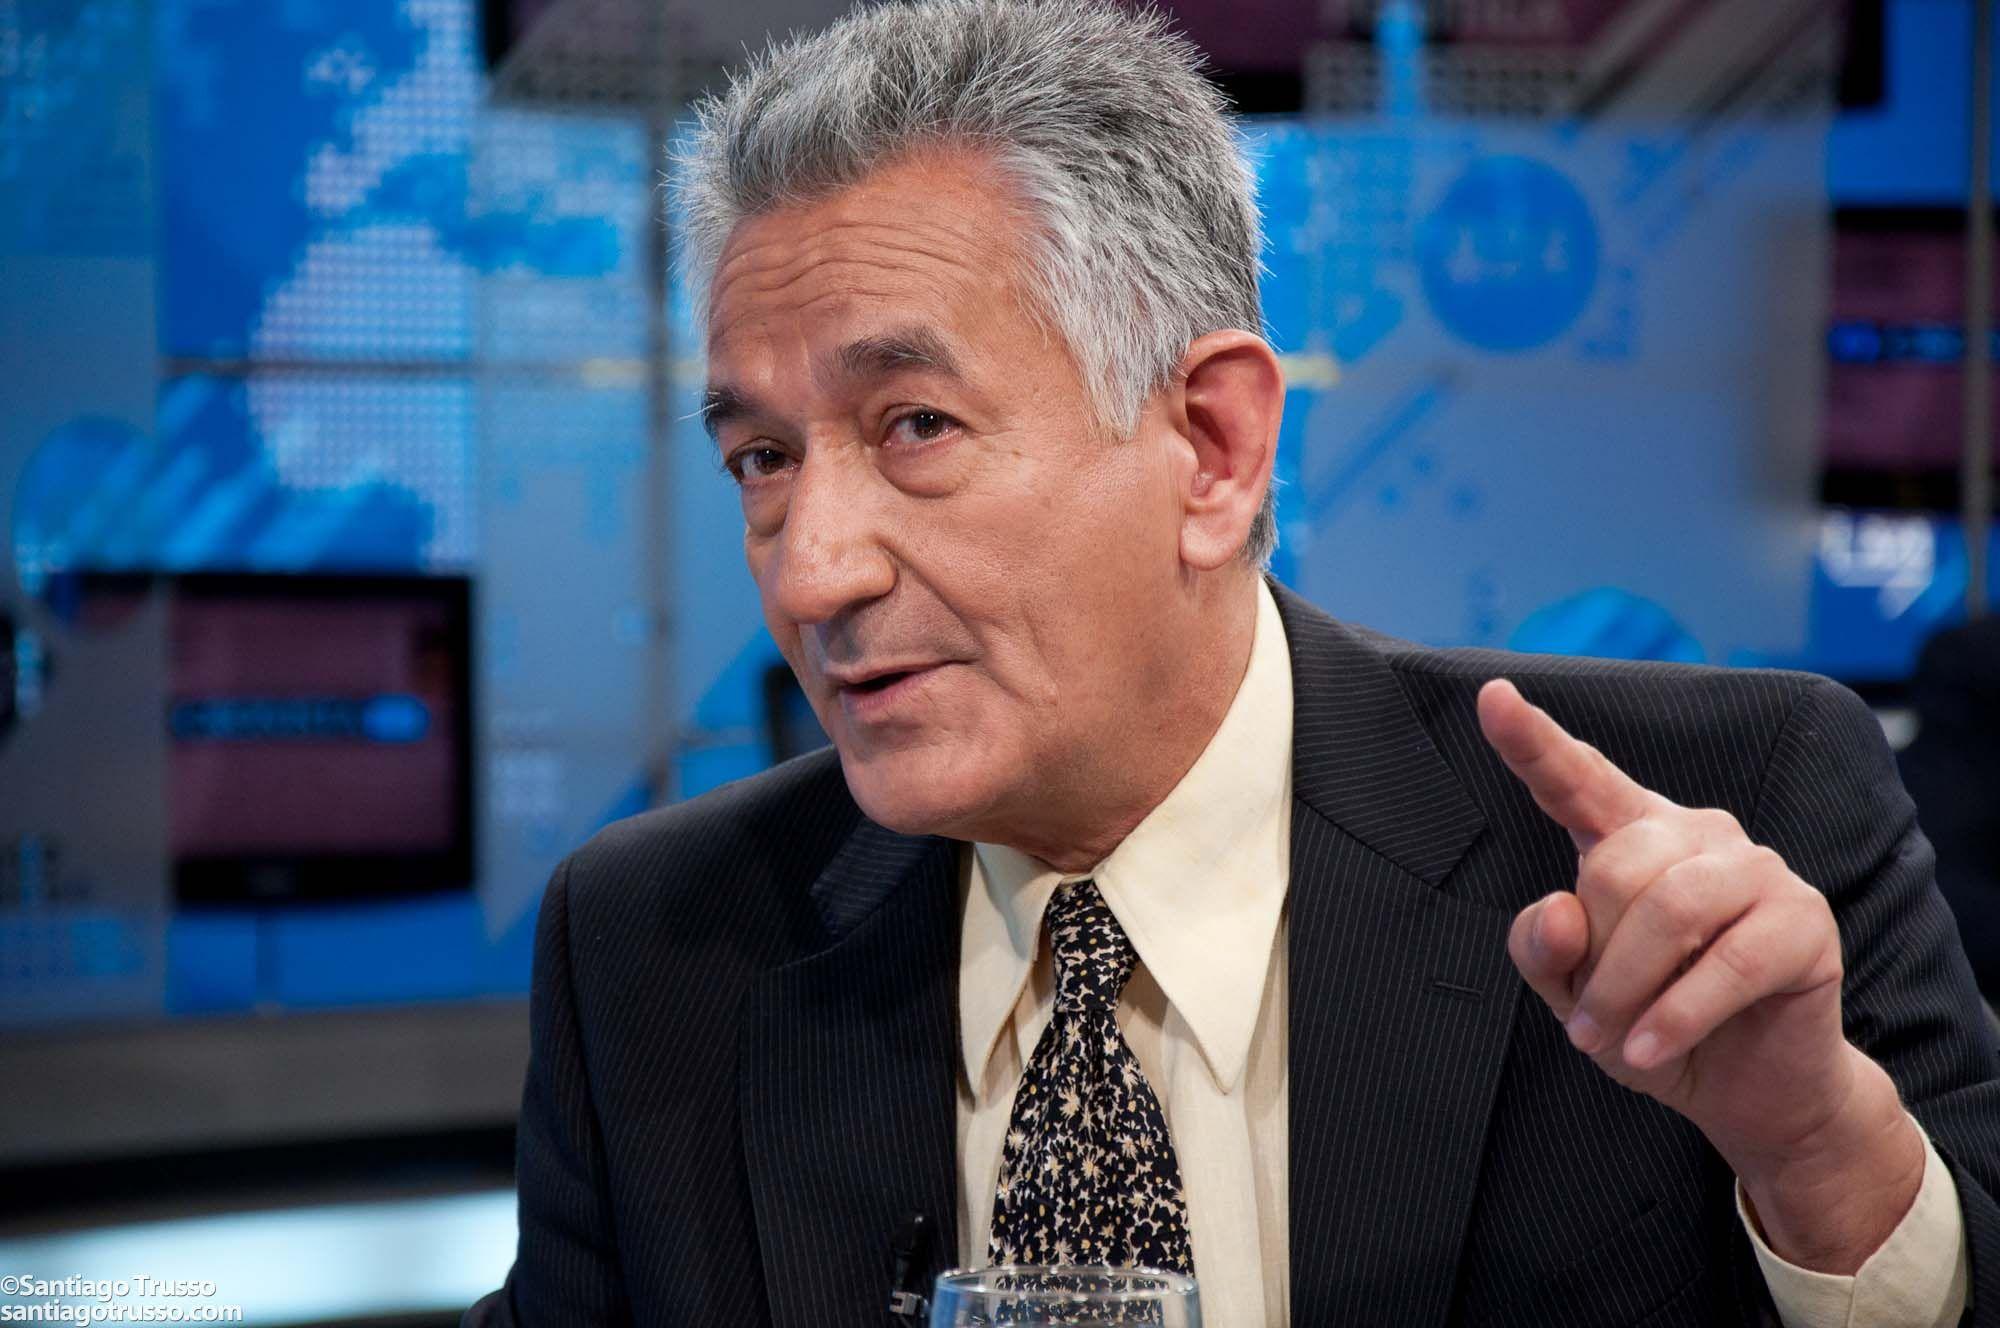 Alberto Rodríguez Saá: No veo que el Gobierno de Macri tenga un plan